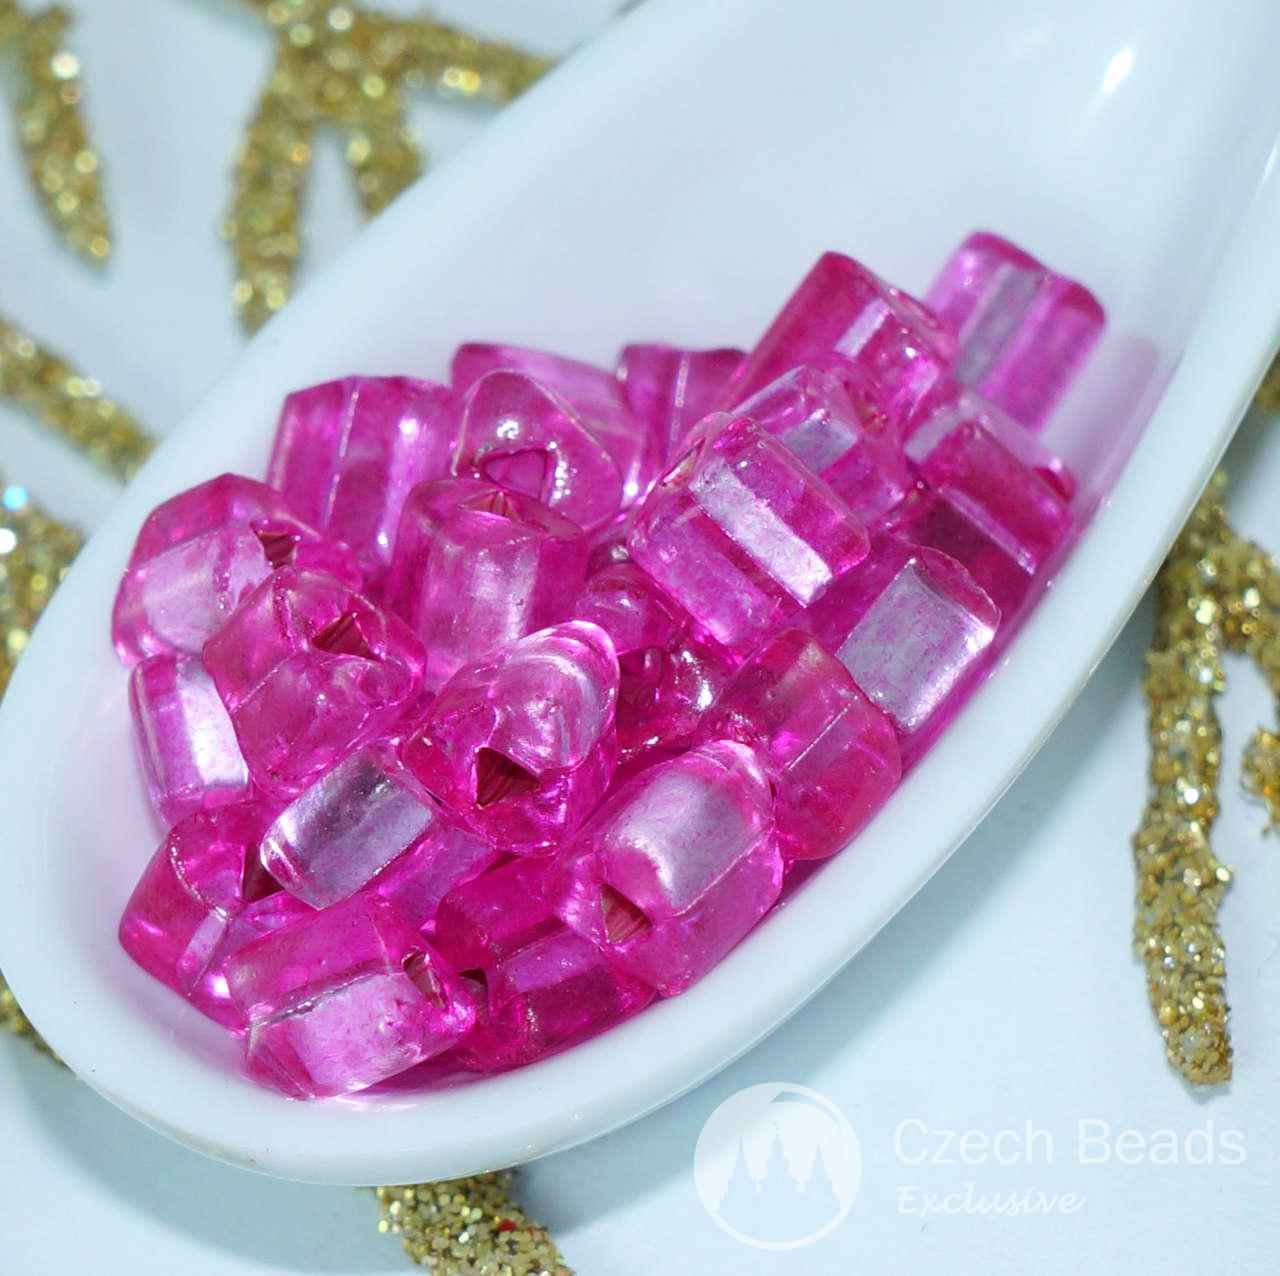 20g di colore Rosa Chiaro Argento Foderato Triangolo Perline di Vetro ceco Seed Beads Perline PRECIOSA Seed beads Perle Rocaille Cordone di 4mm per $ 2.39 da Czech Beads Exclusive